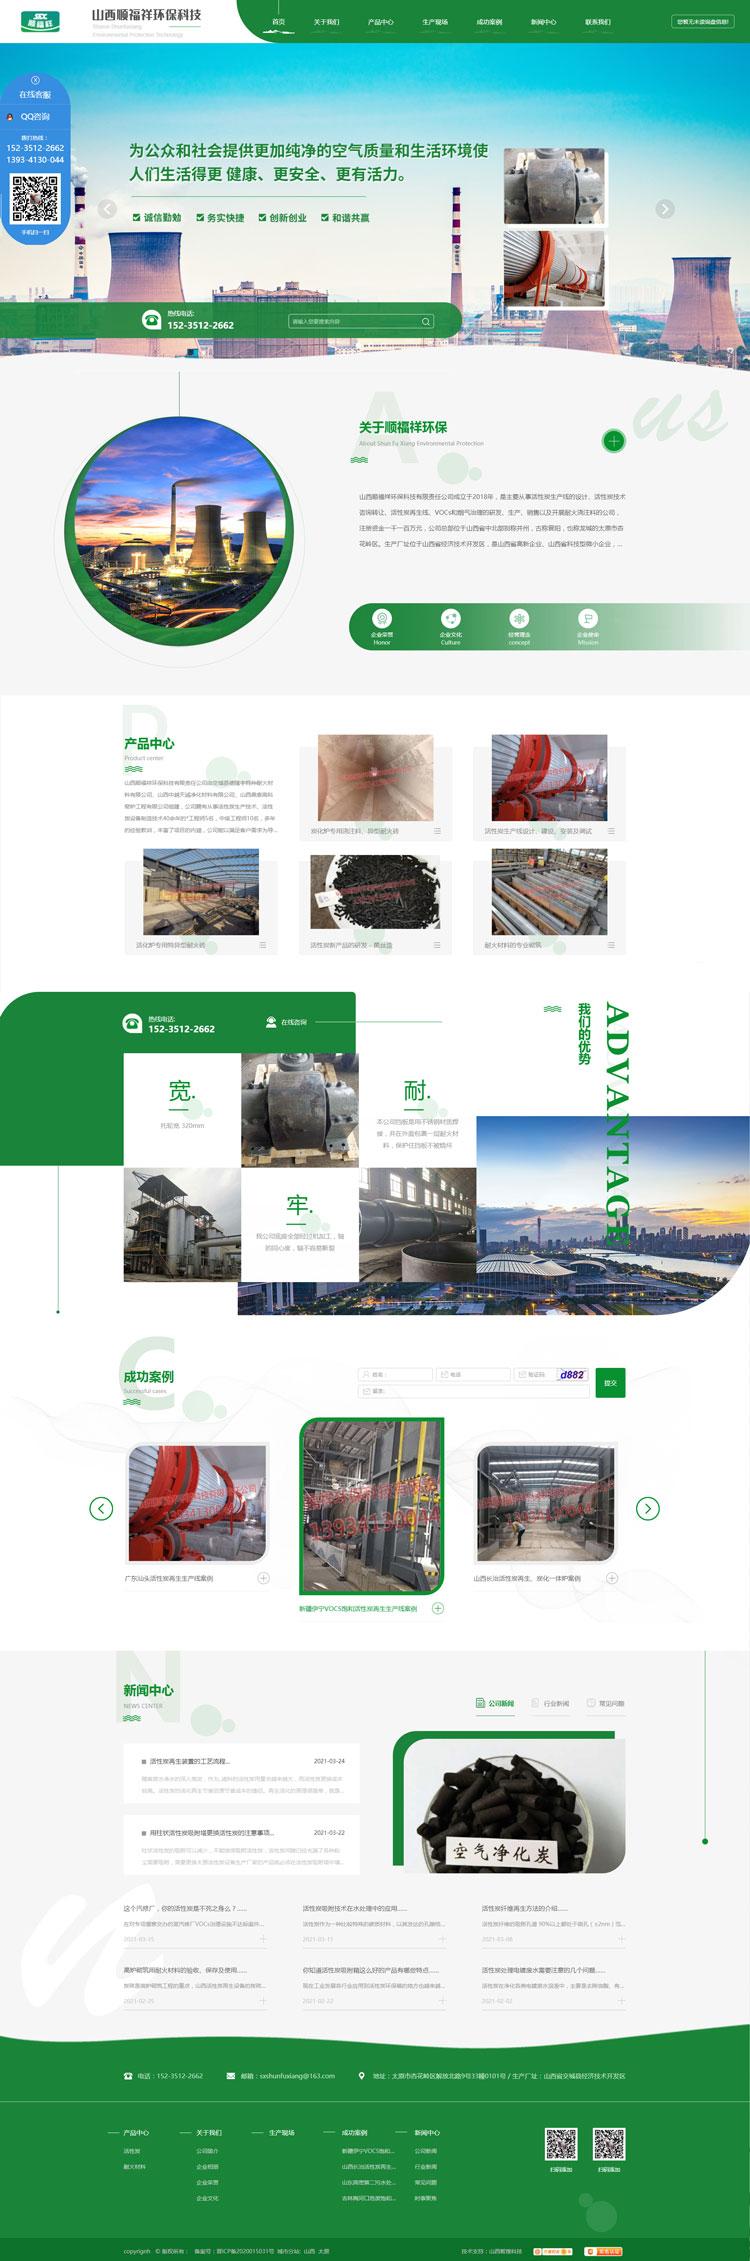 山西顺福祥环保科技有限责任公司 | 营销型网站案例